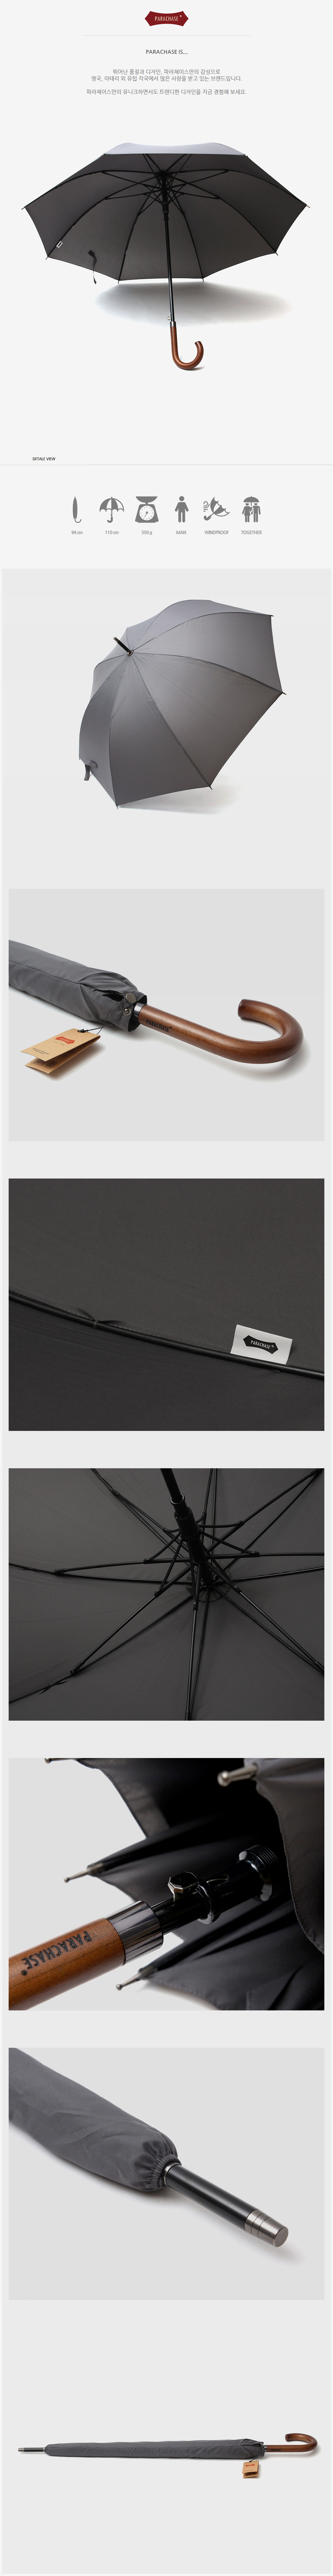 파라체이스(PARACHASE) 7159 베이직 우드그립 곡자 자동 장우산 - 4 컬러